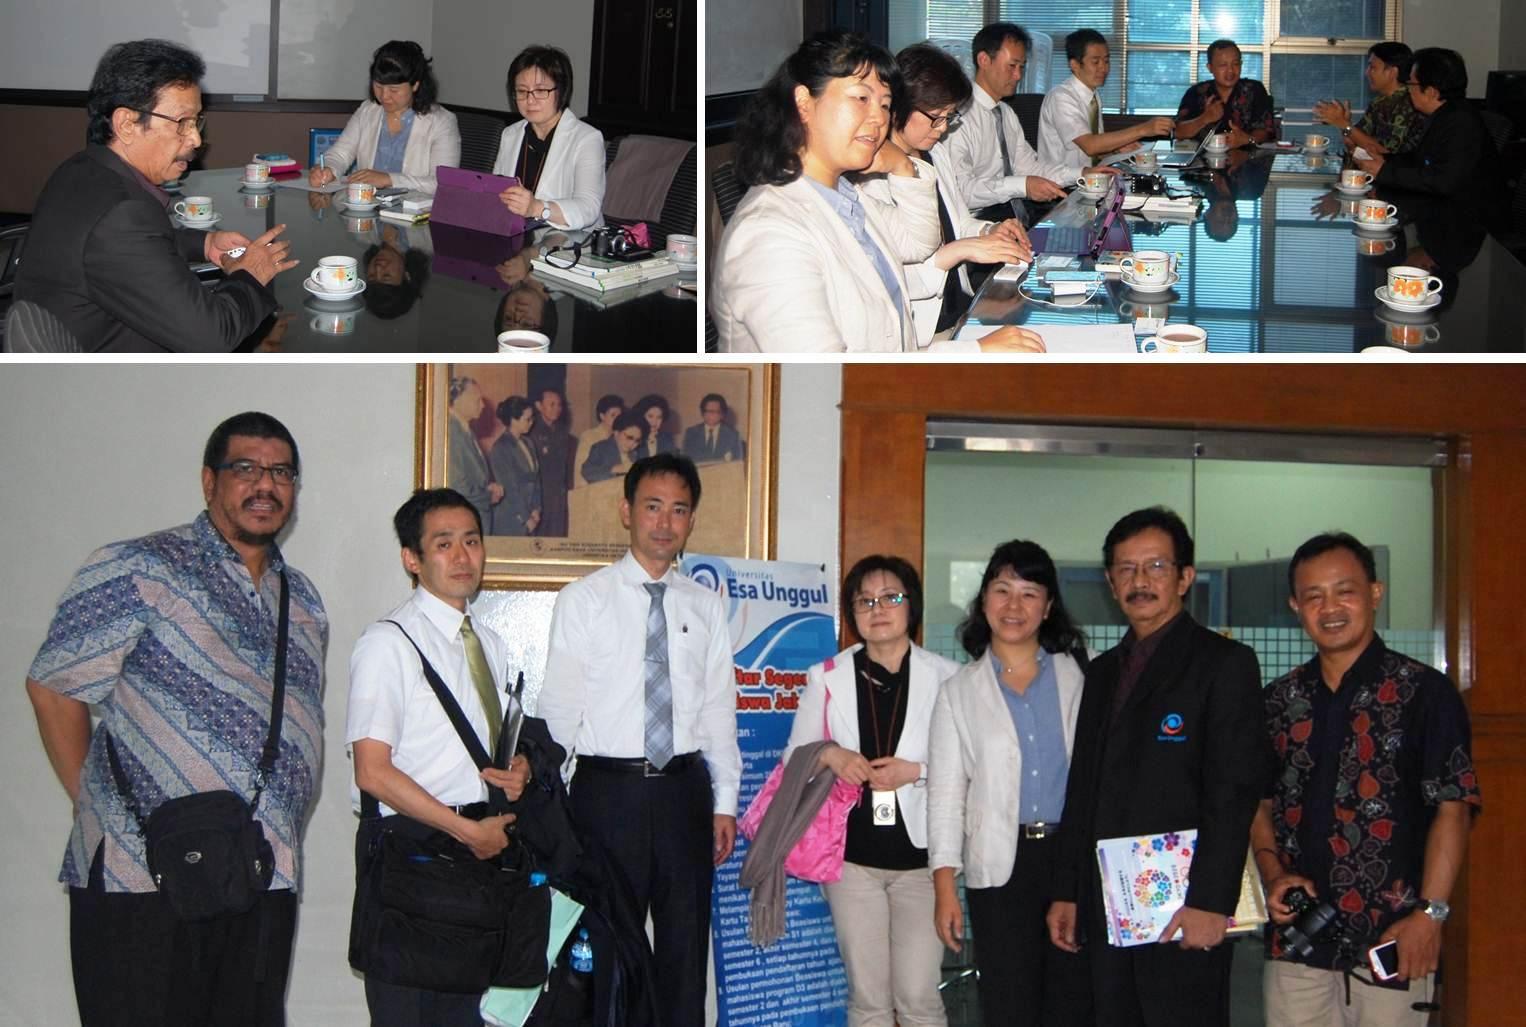 Kunjungan Penjajakan Kerjasama antara Tokyo Metropolitan University Japan dengan Universitas Esa Unggul